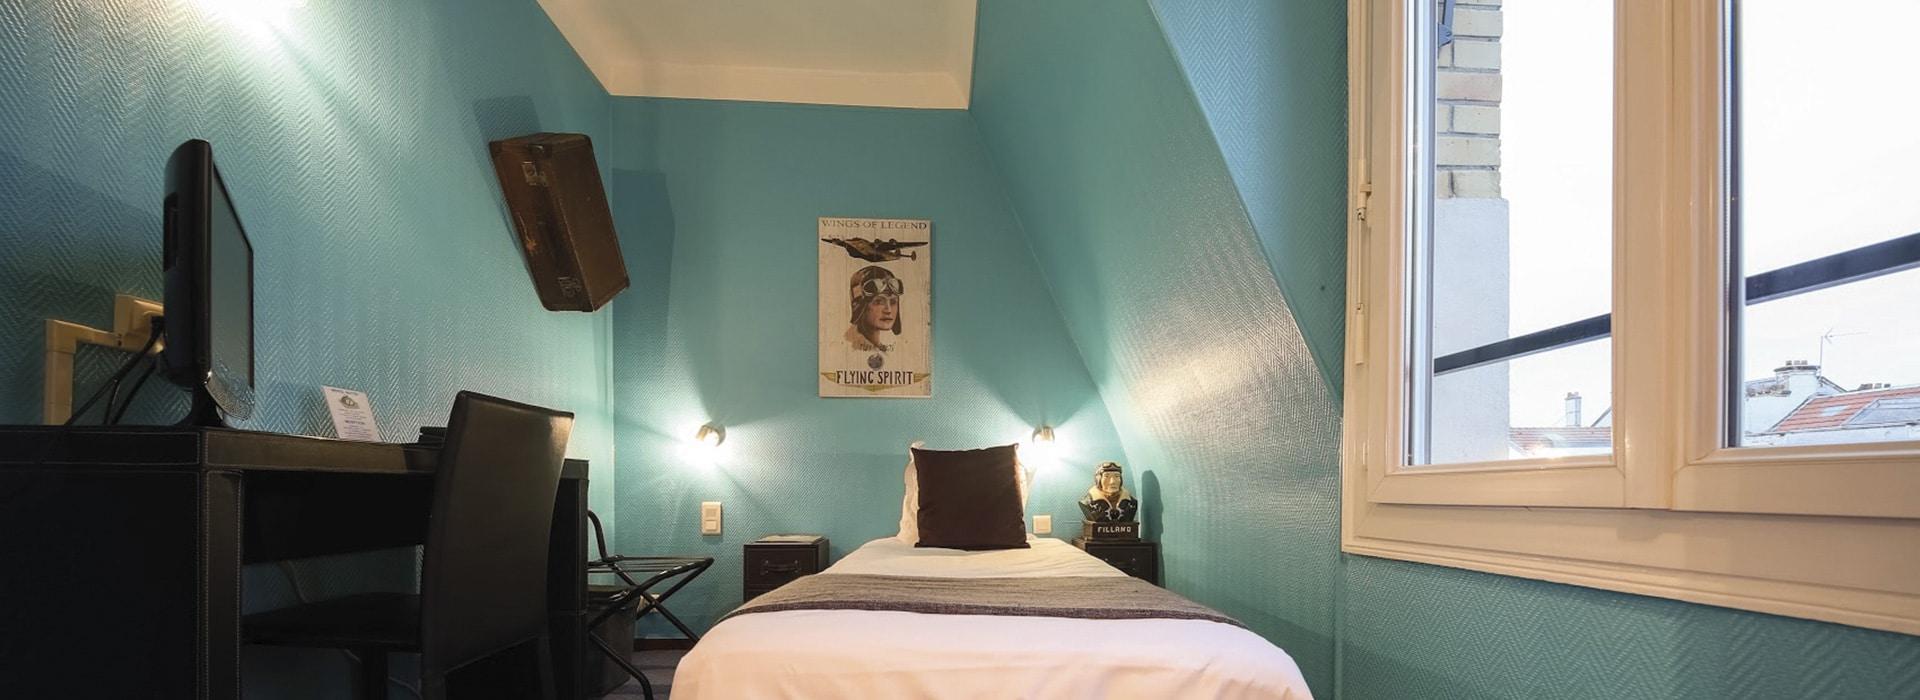 hotel-azur-chambre7